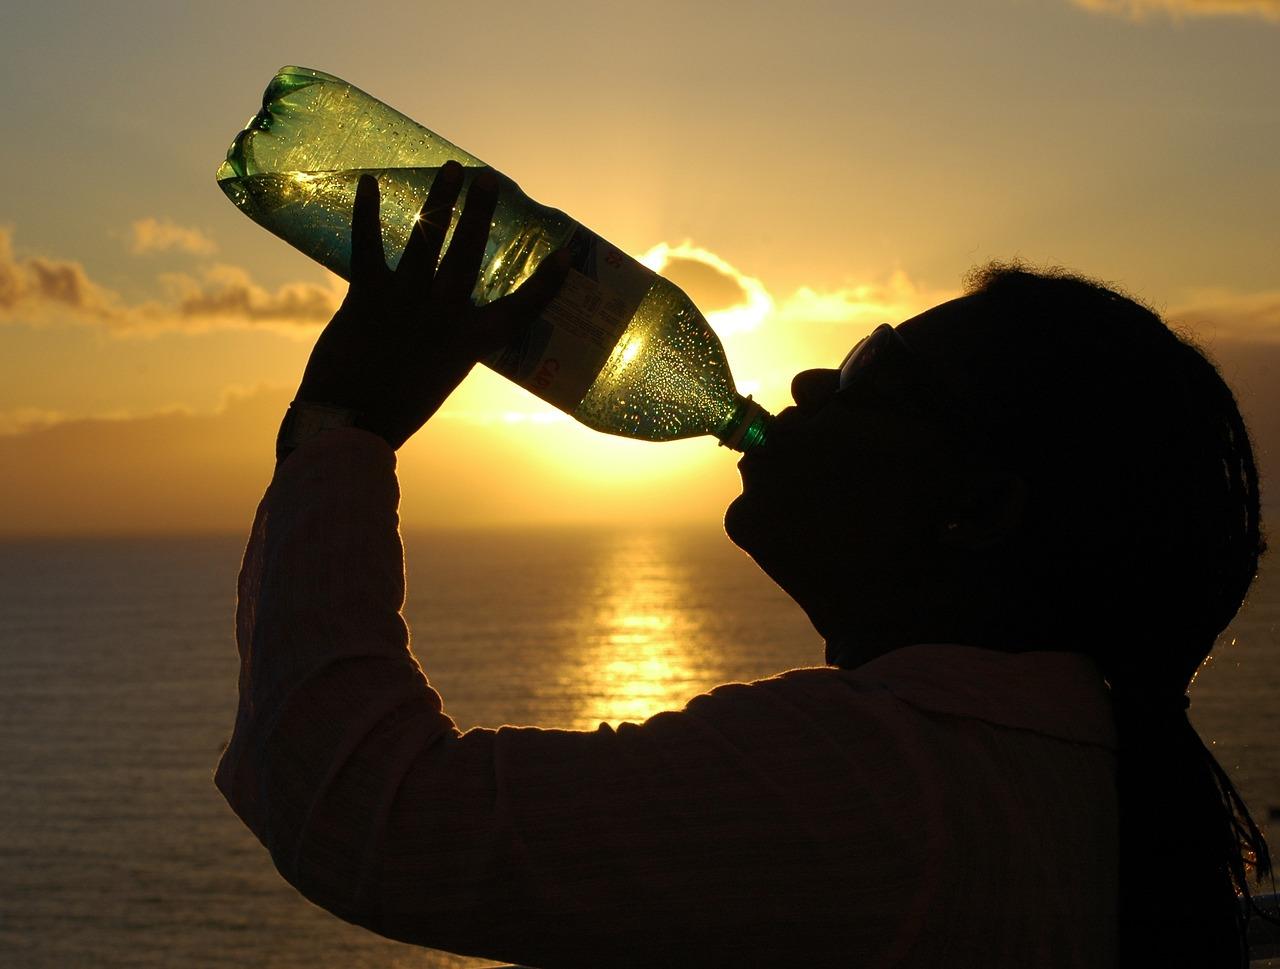 水を飲んでいる人の画像